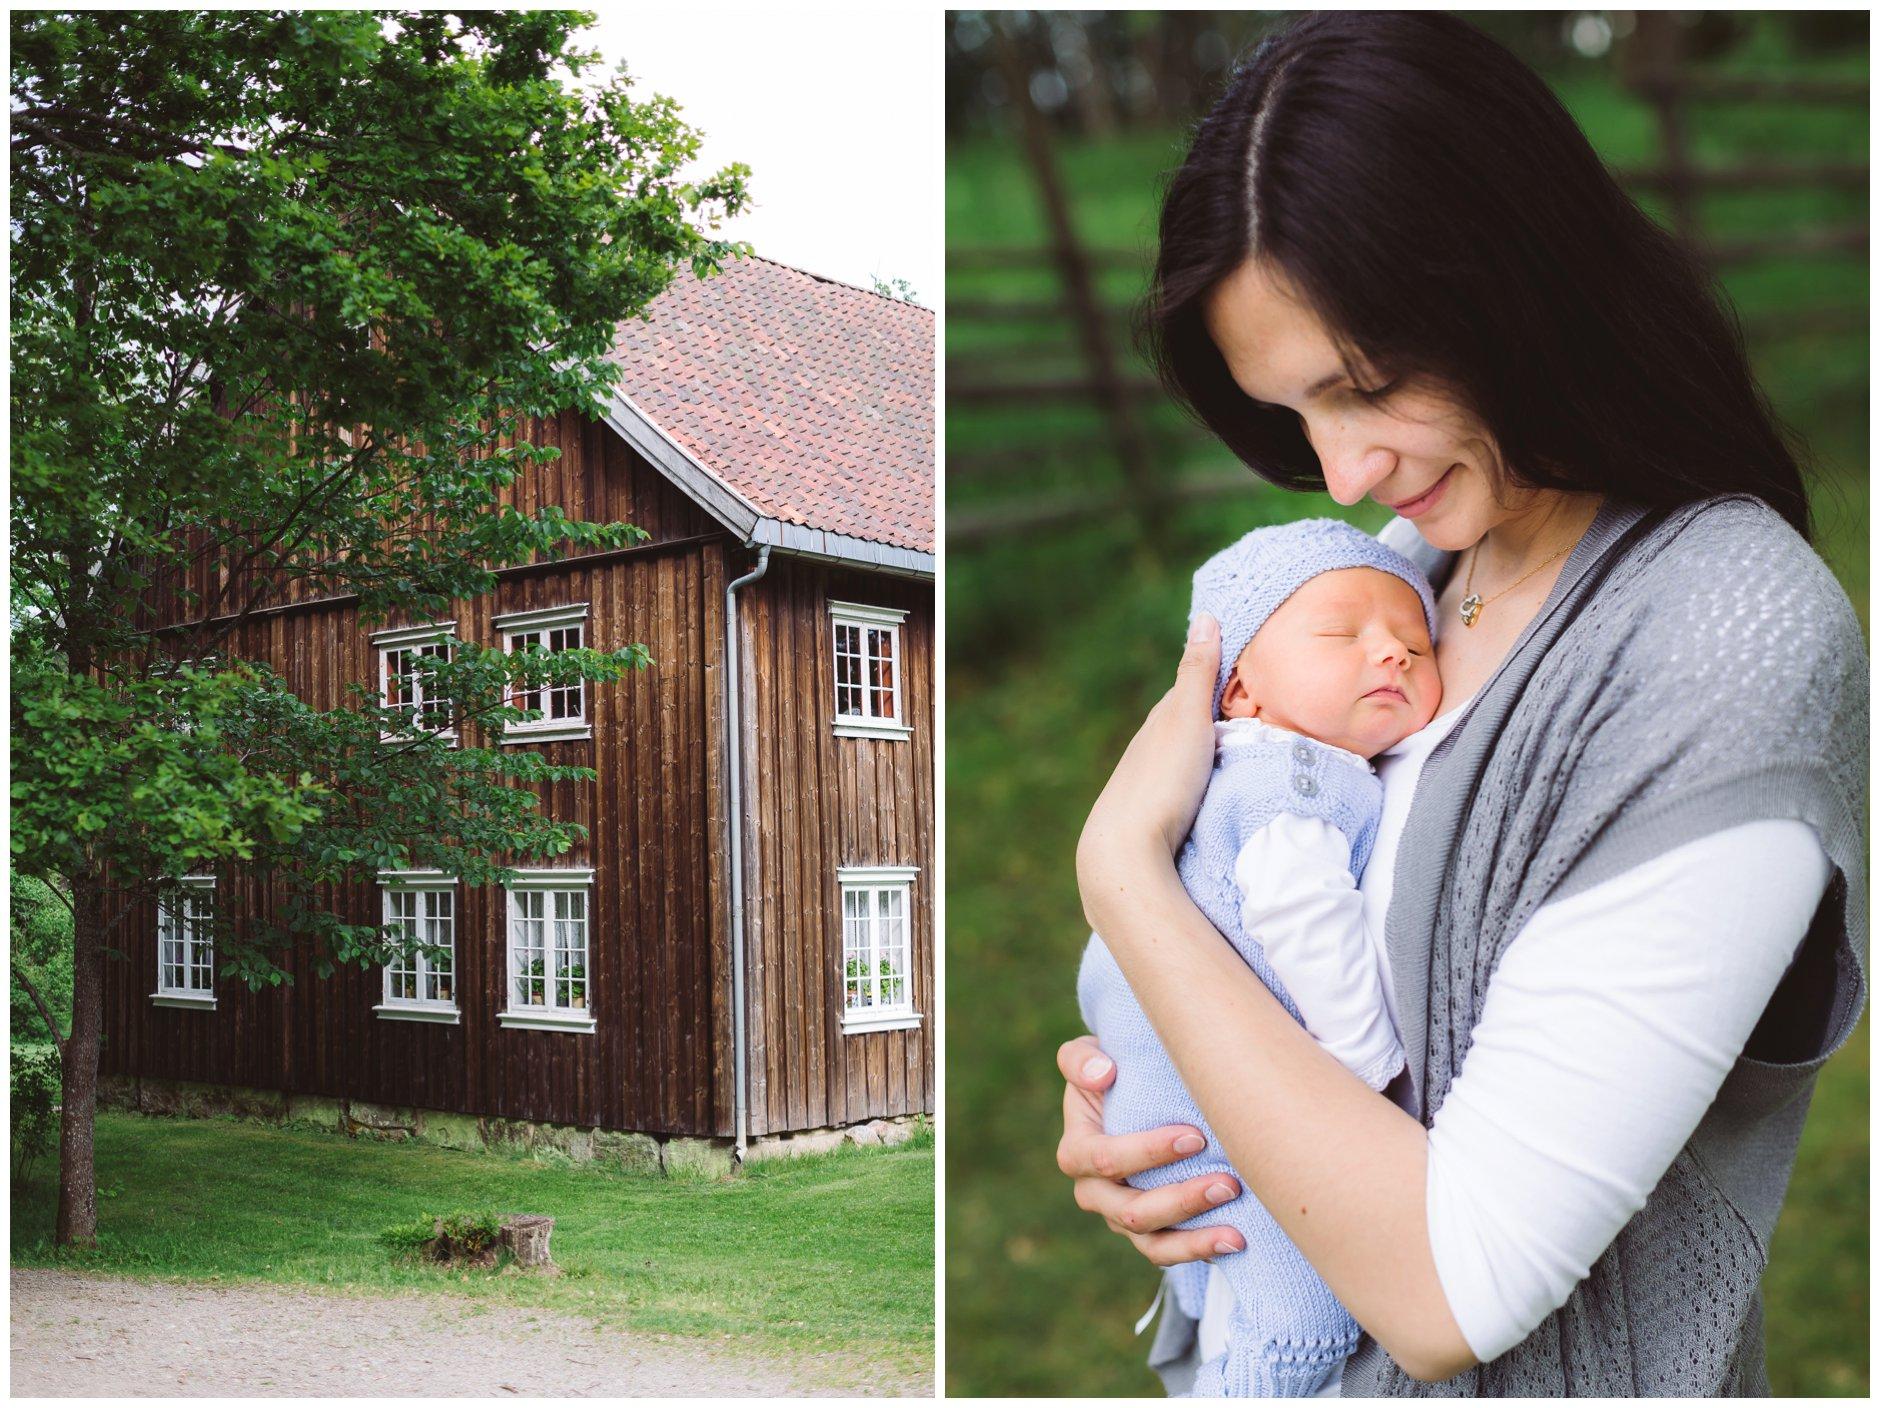 Fotograf-Eline-Jacobine-Utendørs-nyfødtfotografering-Sander_0008